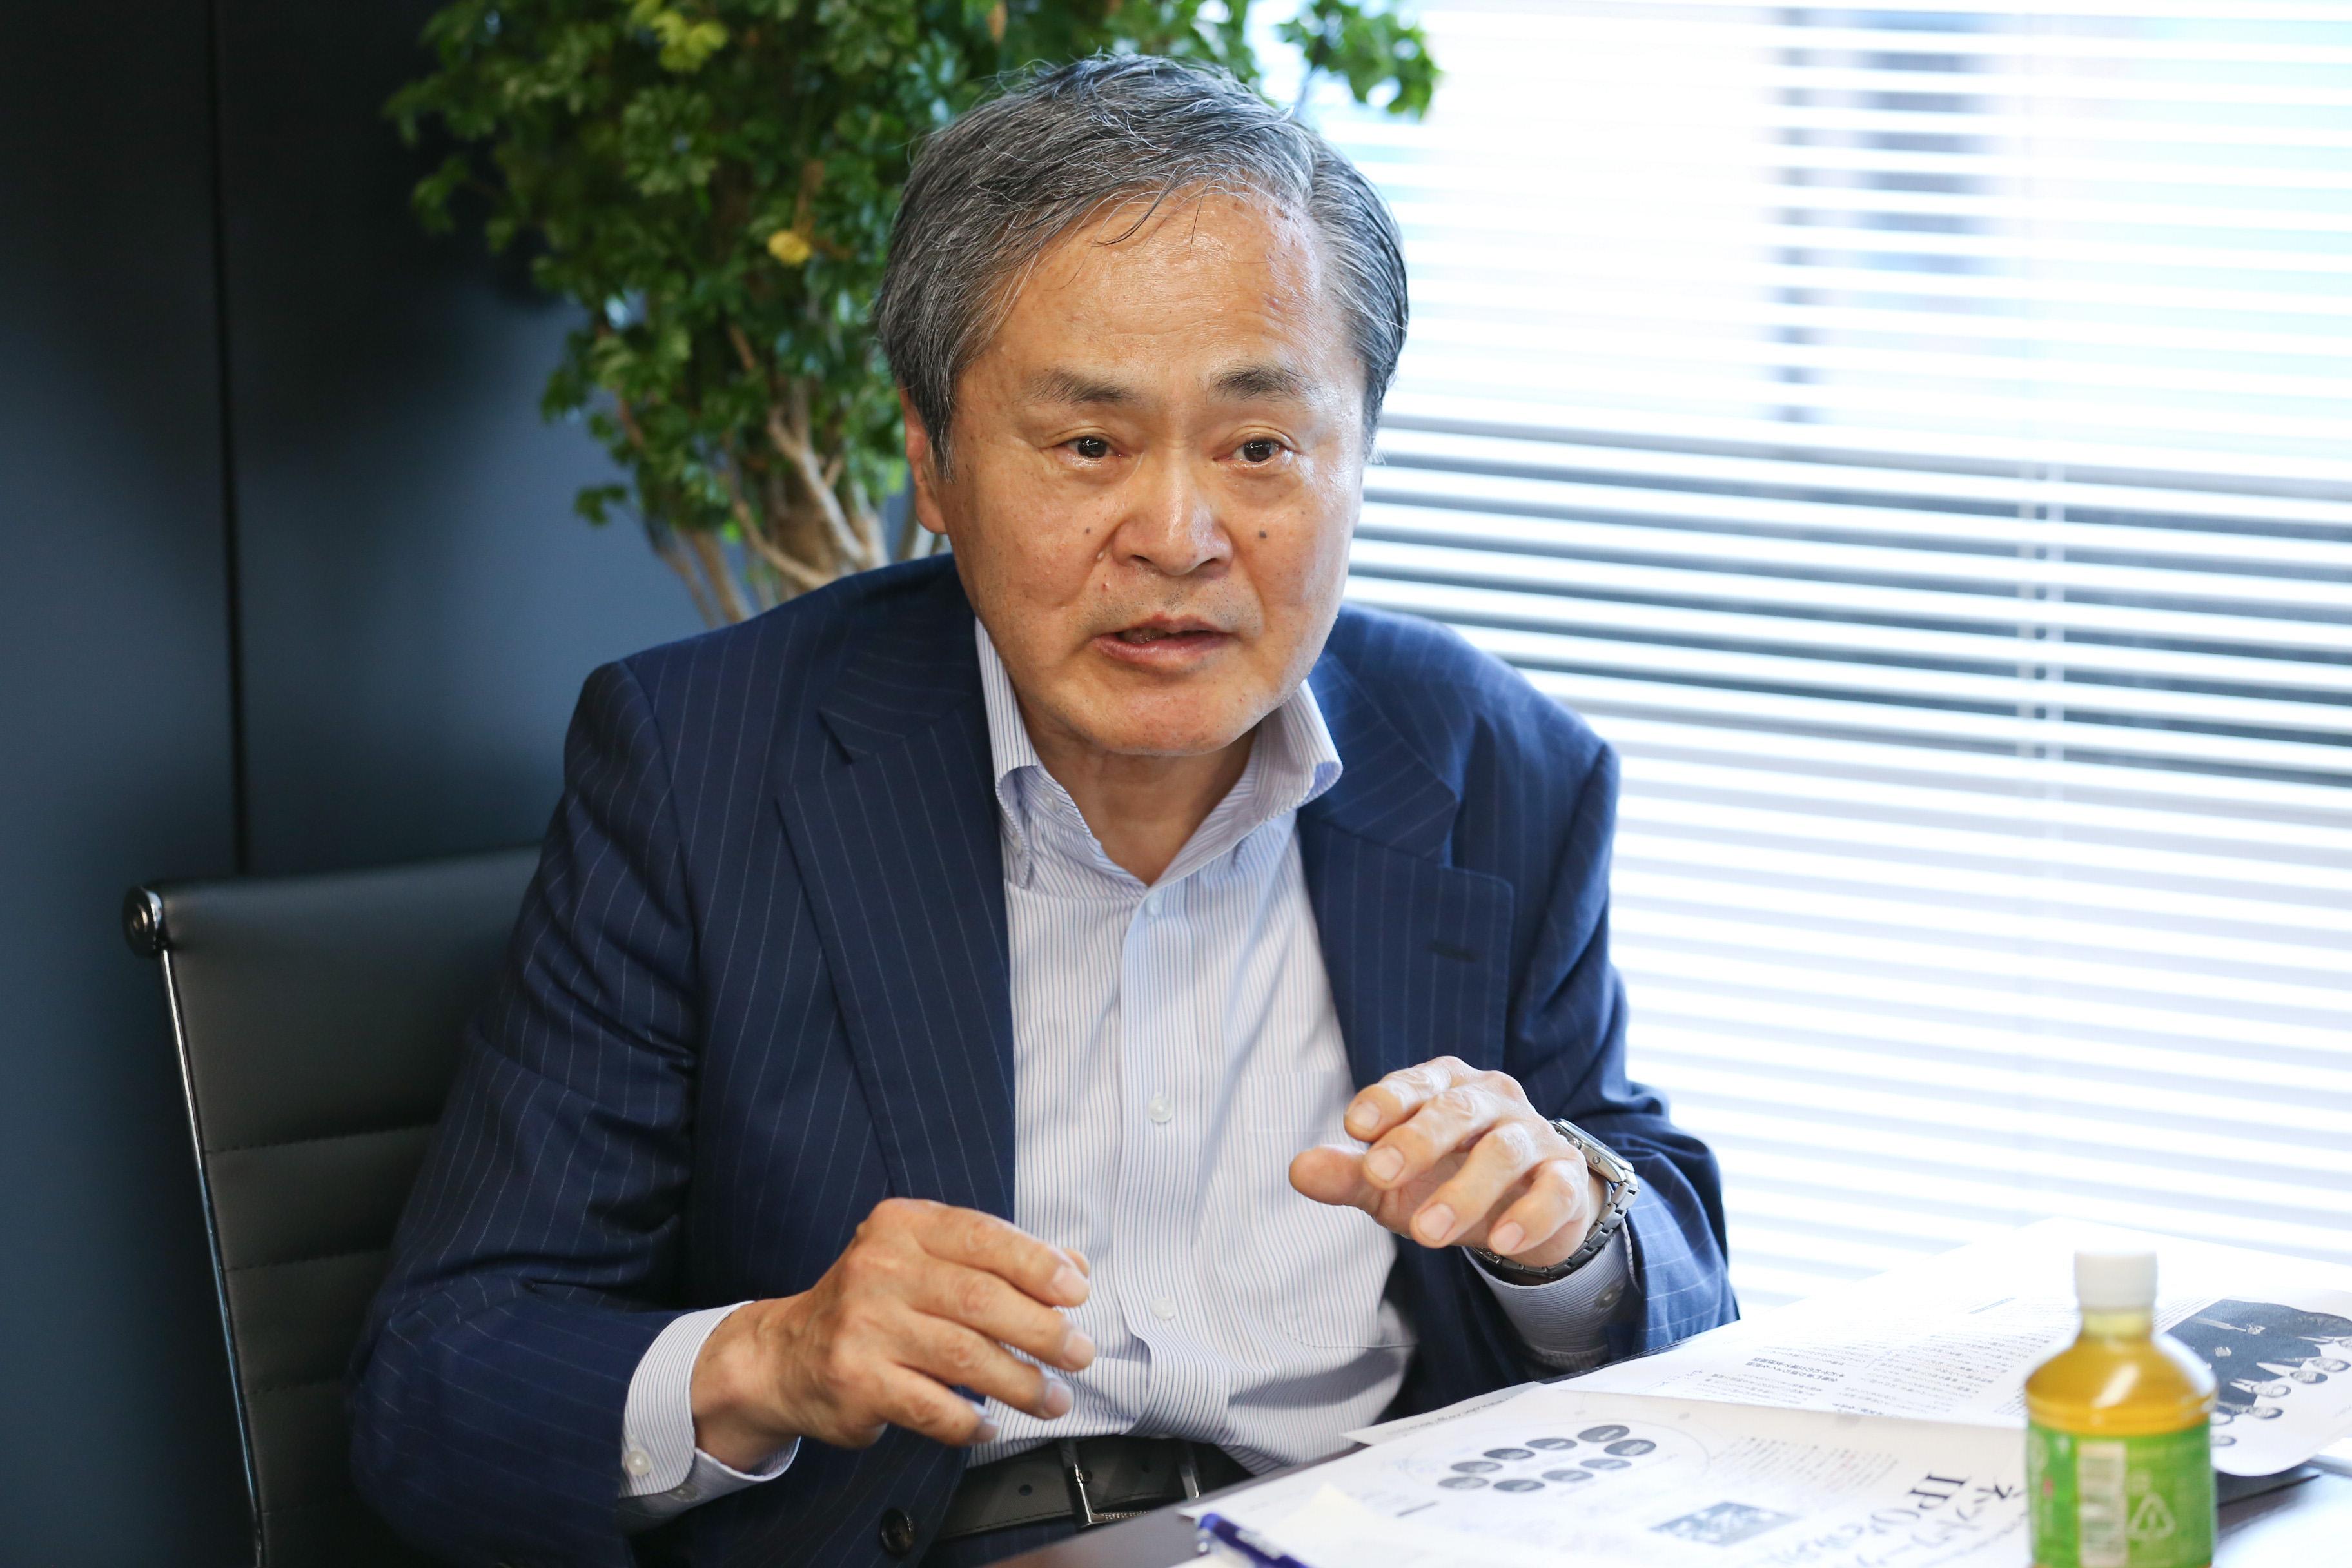 株式会社プロネット 代表取締役社長(公認会計士) 高橋 廣司氏